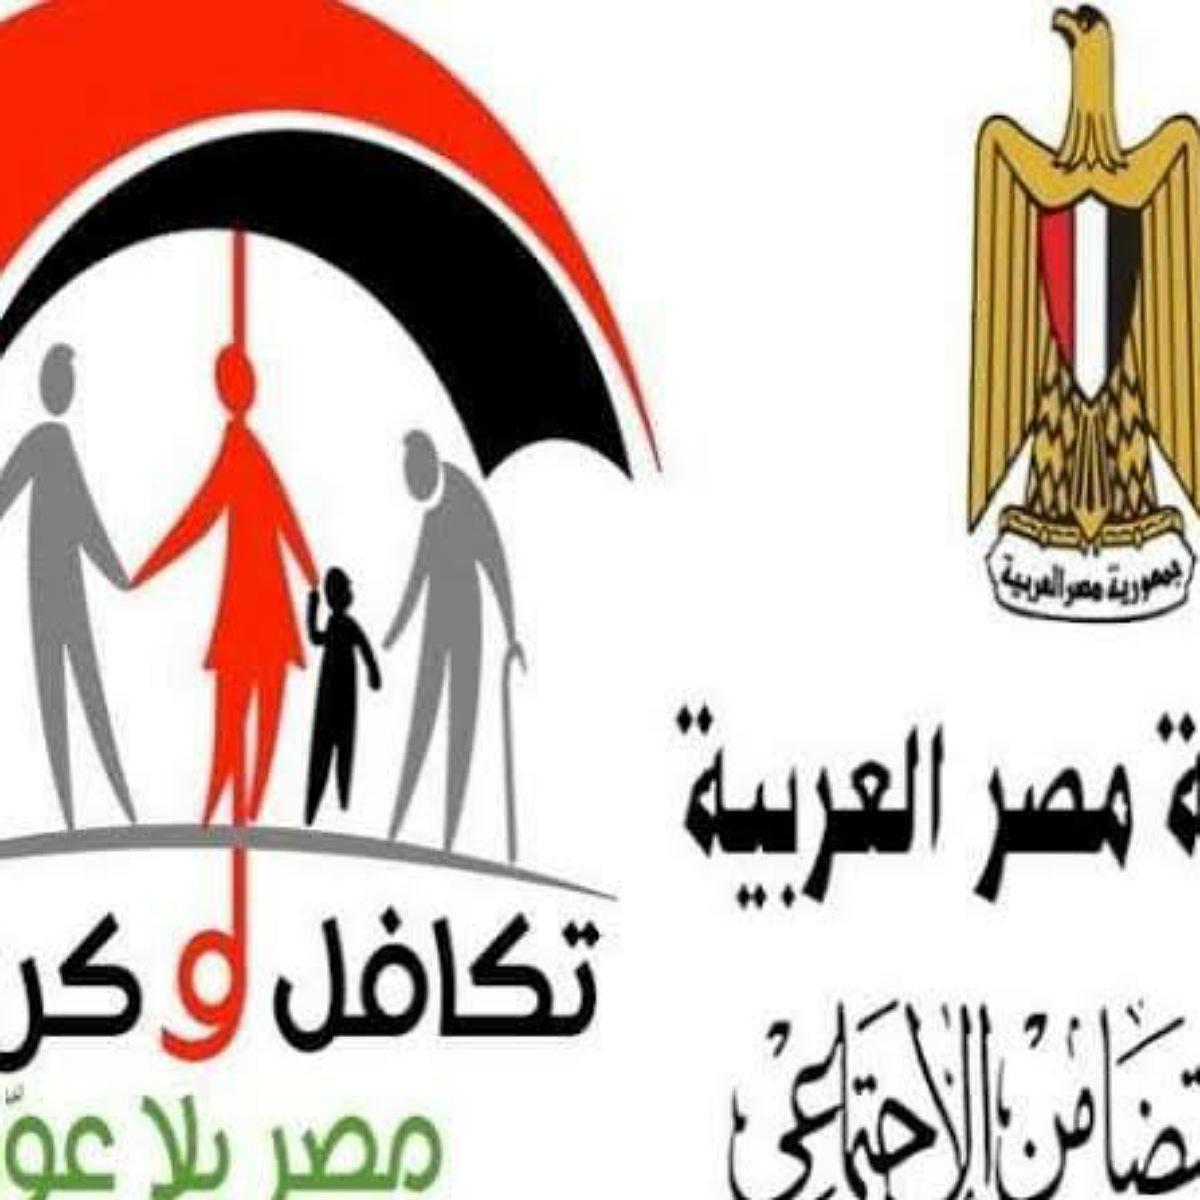 الاستعلام عن معاش تكافل وكرامة لدى وزارة التضامن الاجتماعي شهر فبراير 2021